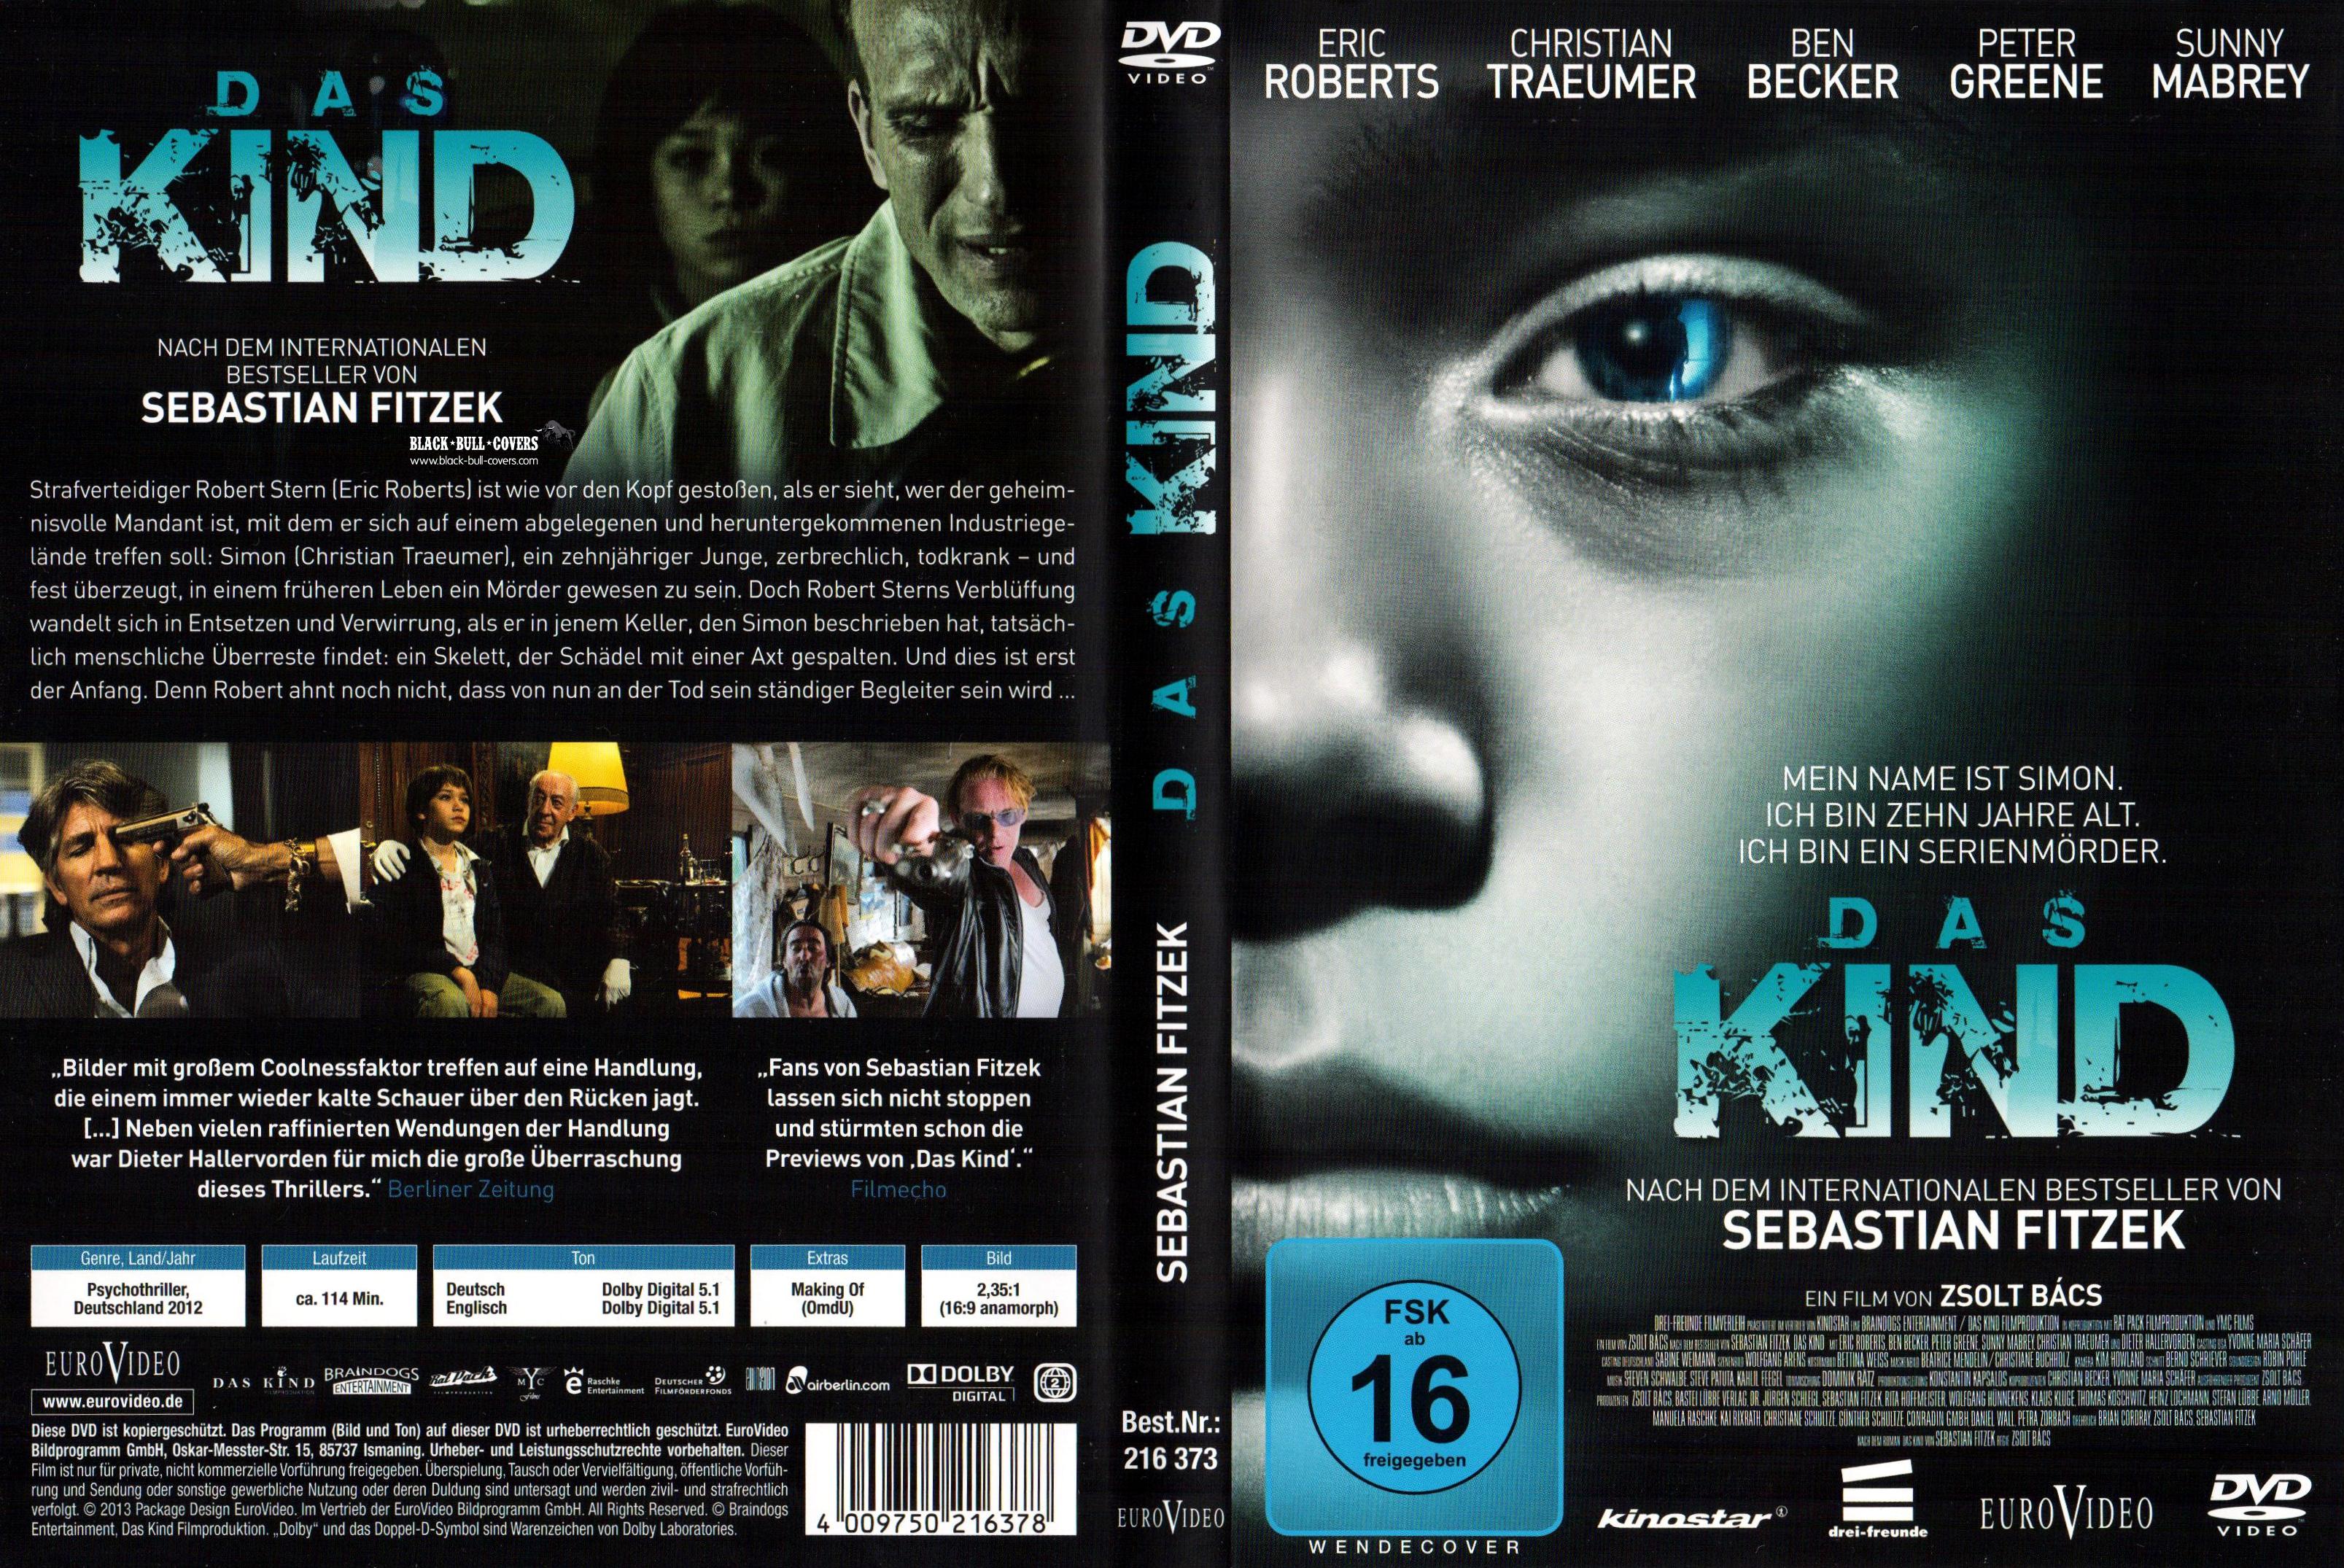 Cover per dvd da scaricare gratis